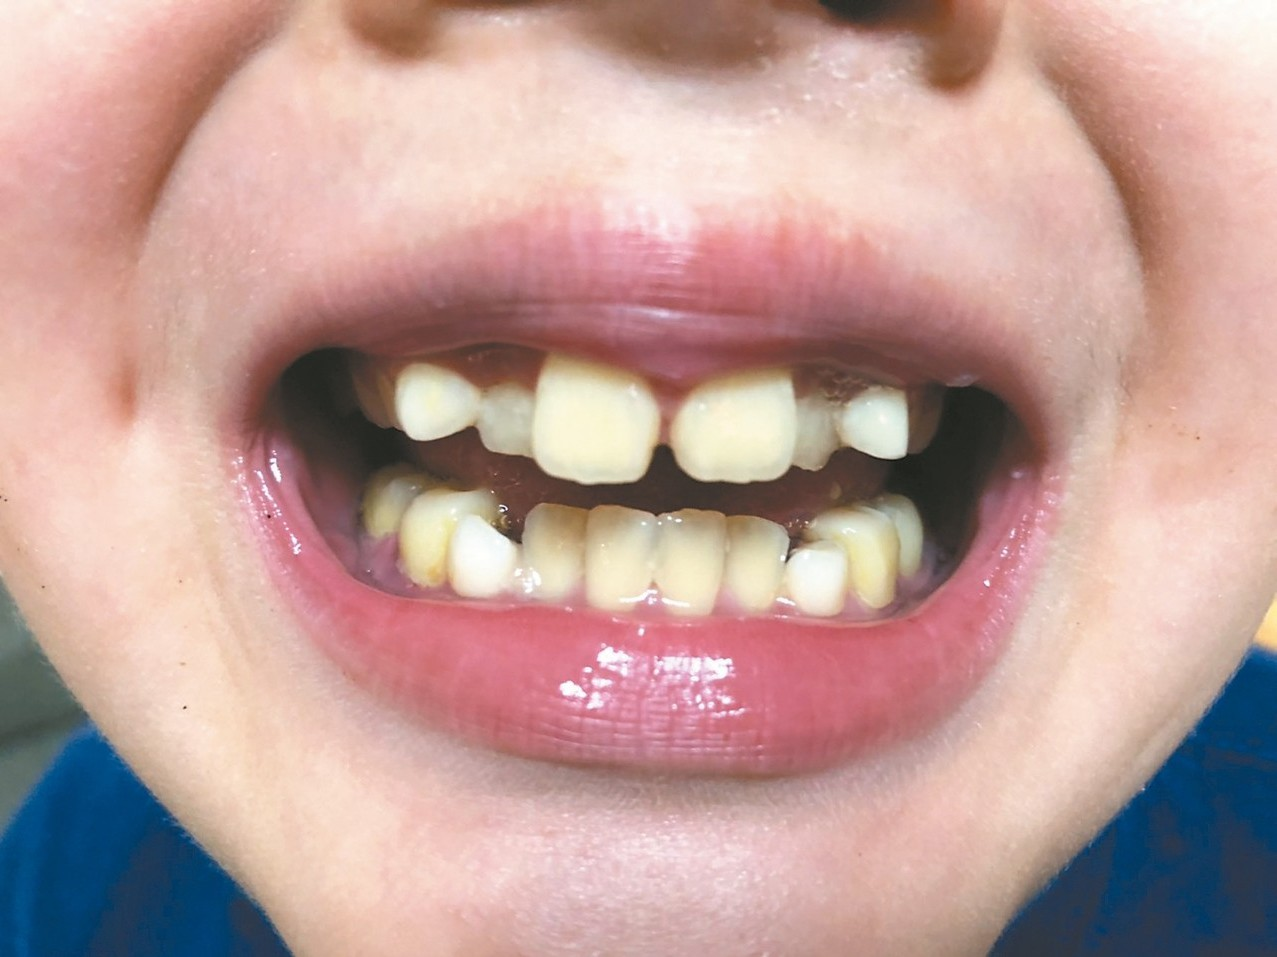 小朋友上顎過窄,使得牙齒排列不整、臉型「小下巴」等,是睡眠呼吸中止的高危險群。 ...